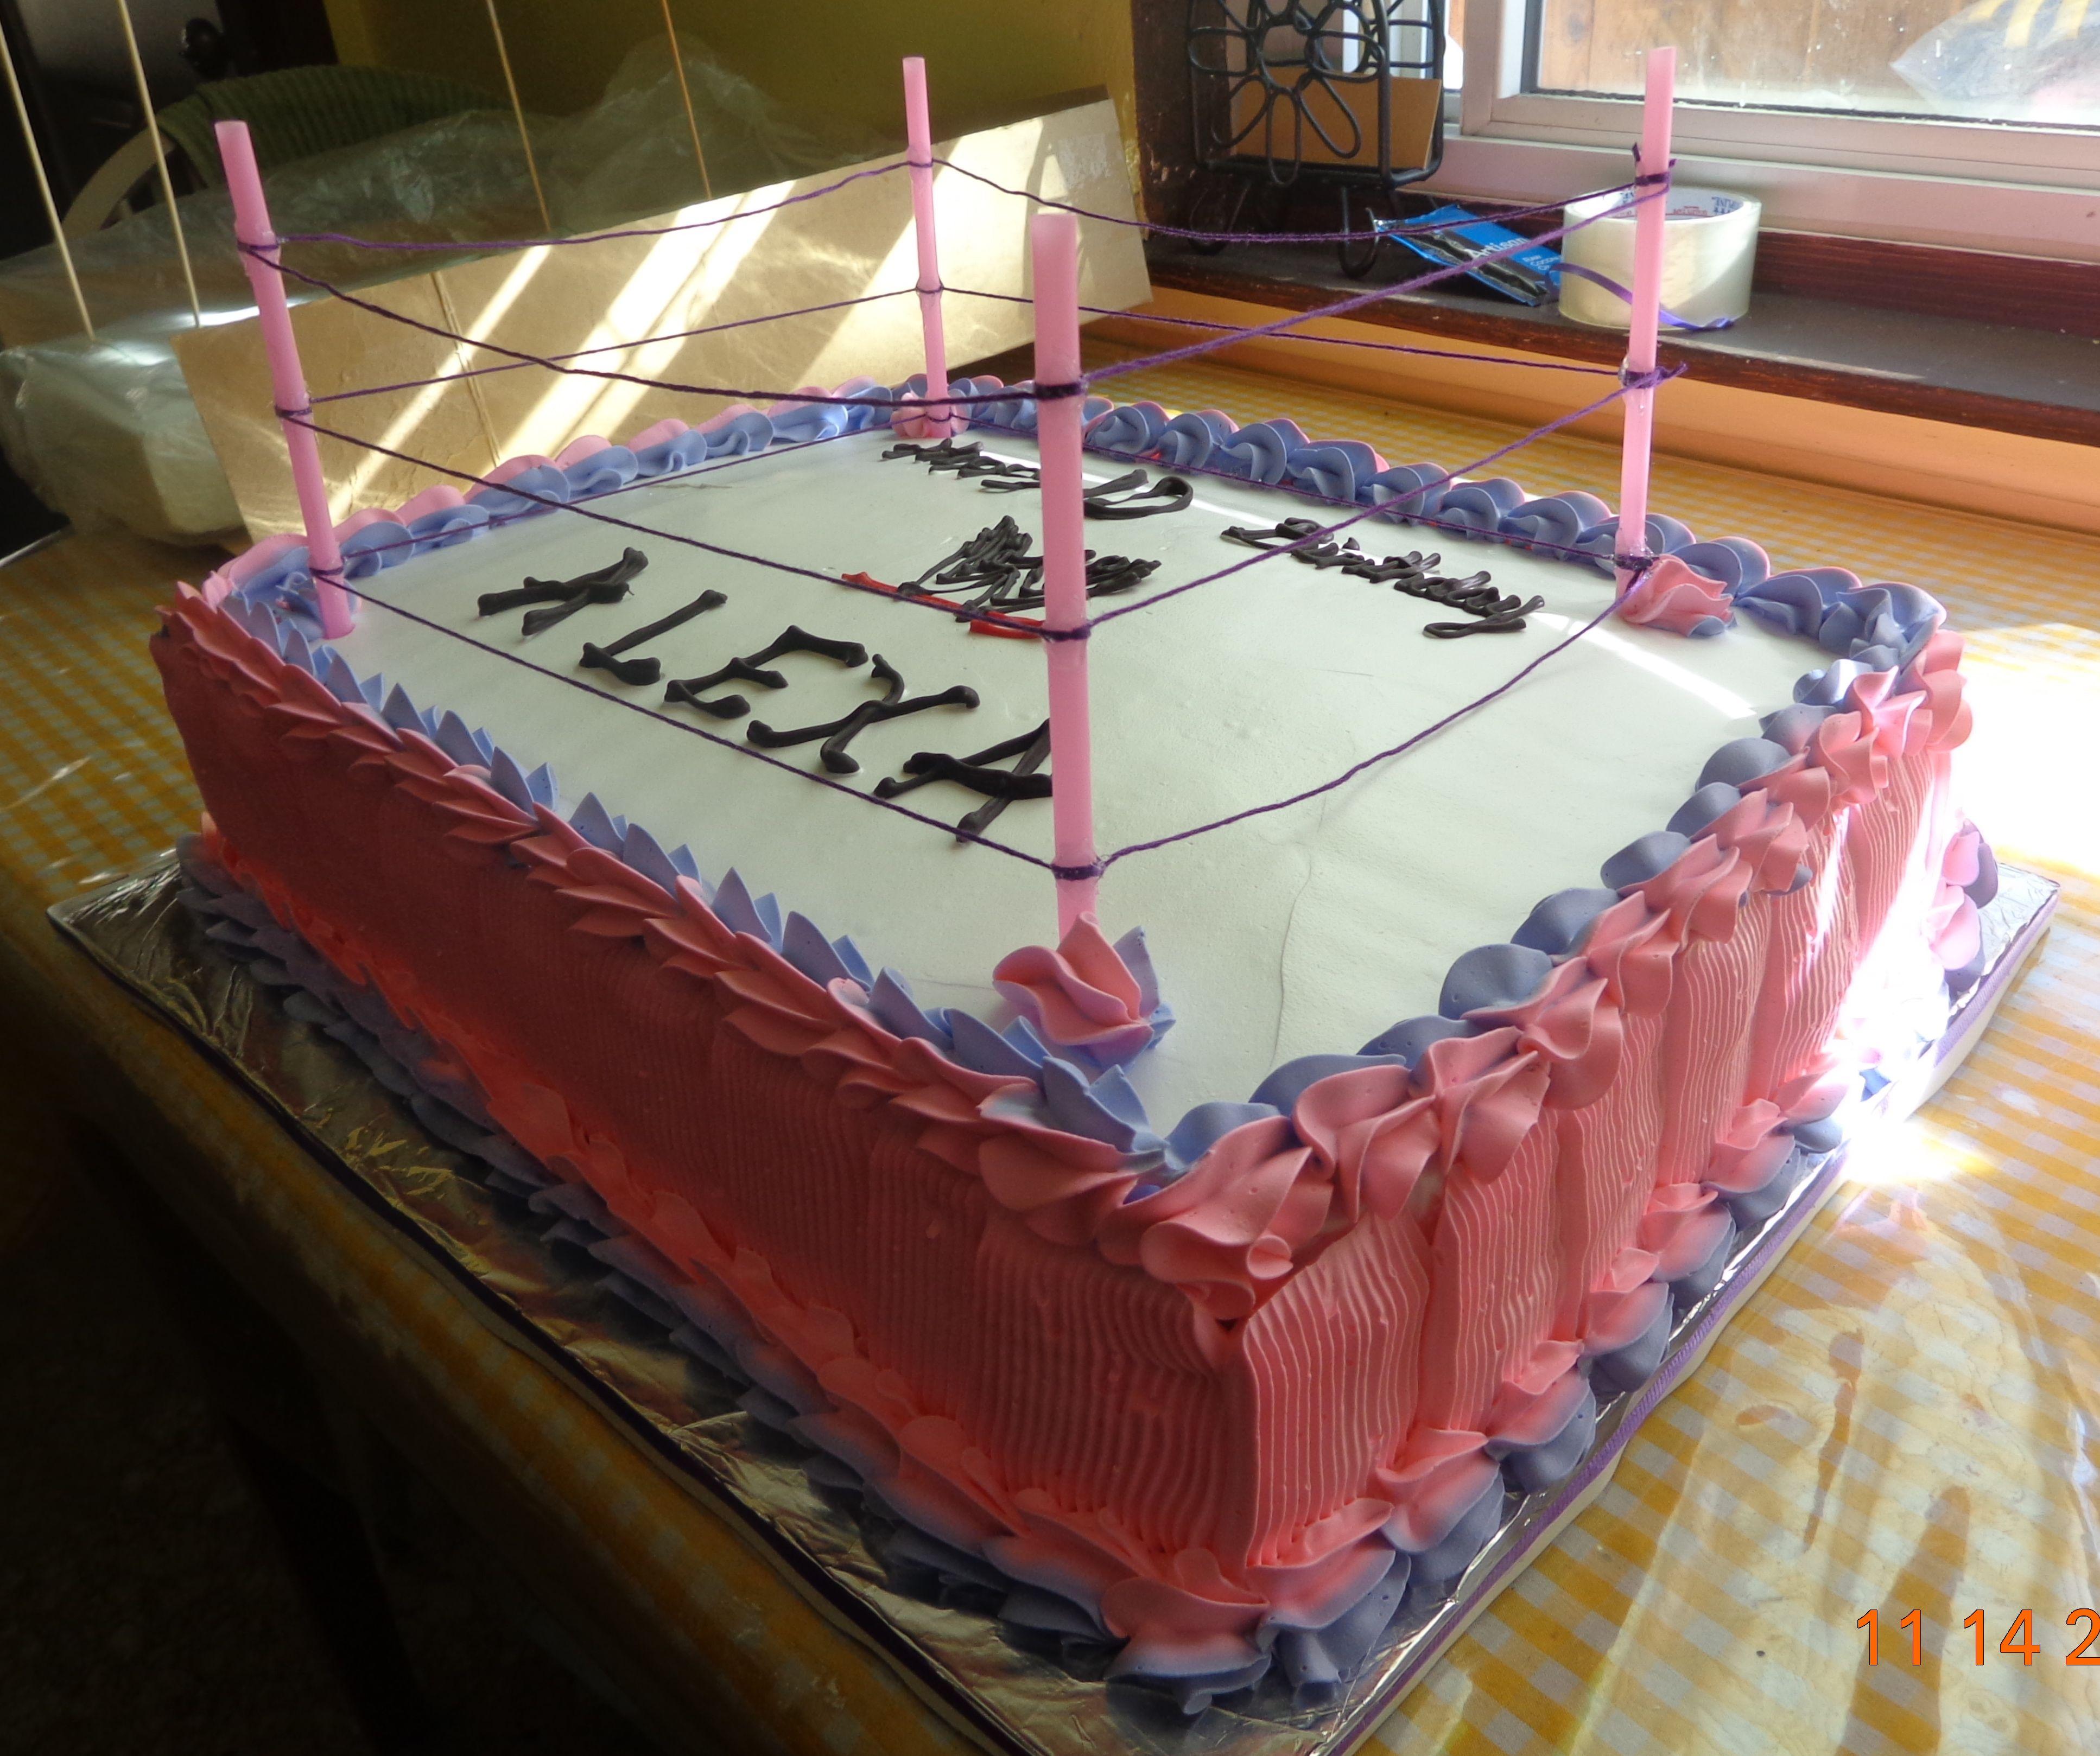 wwe divas cakes Mis Creaciones Pinterest Diva cakes Cake